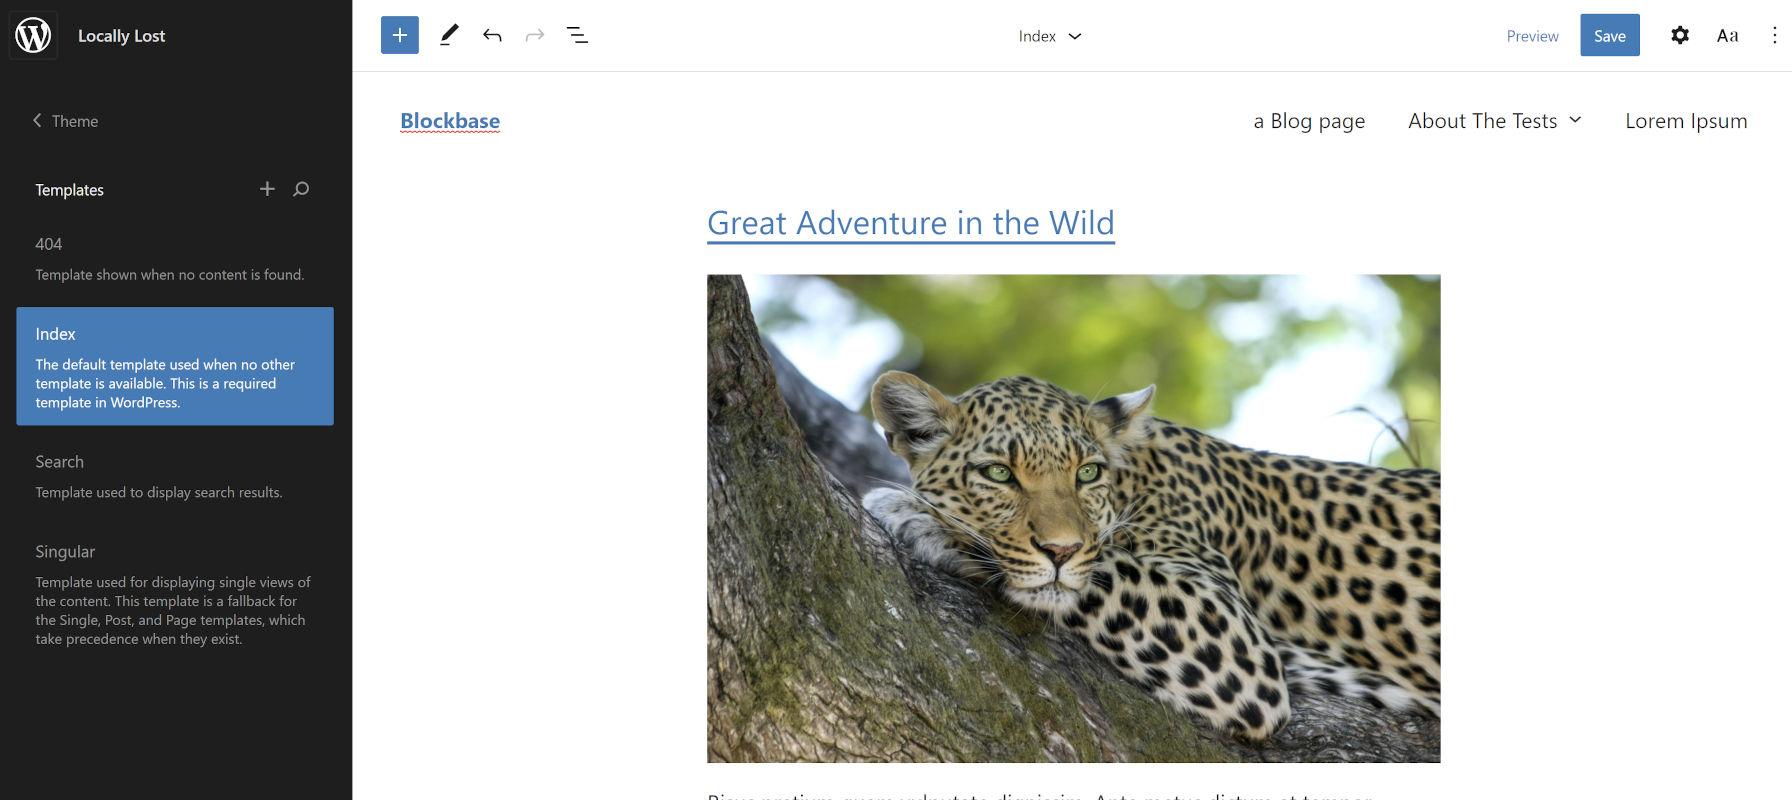 Visualizzazione del tema WordPress iniziale di Blockbase nell'editor del sito in arrivo.